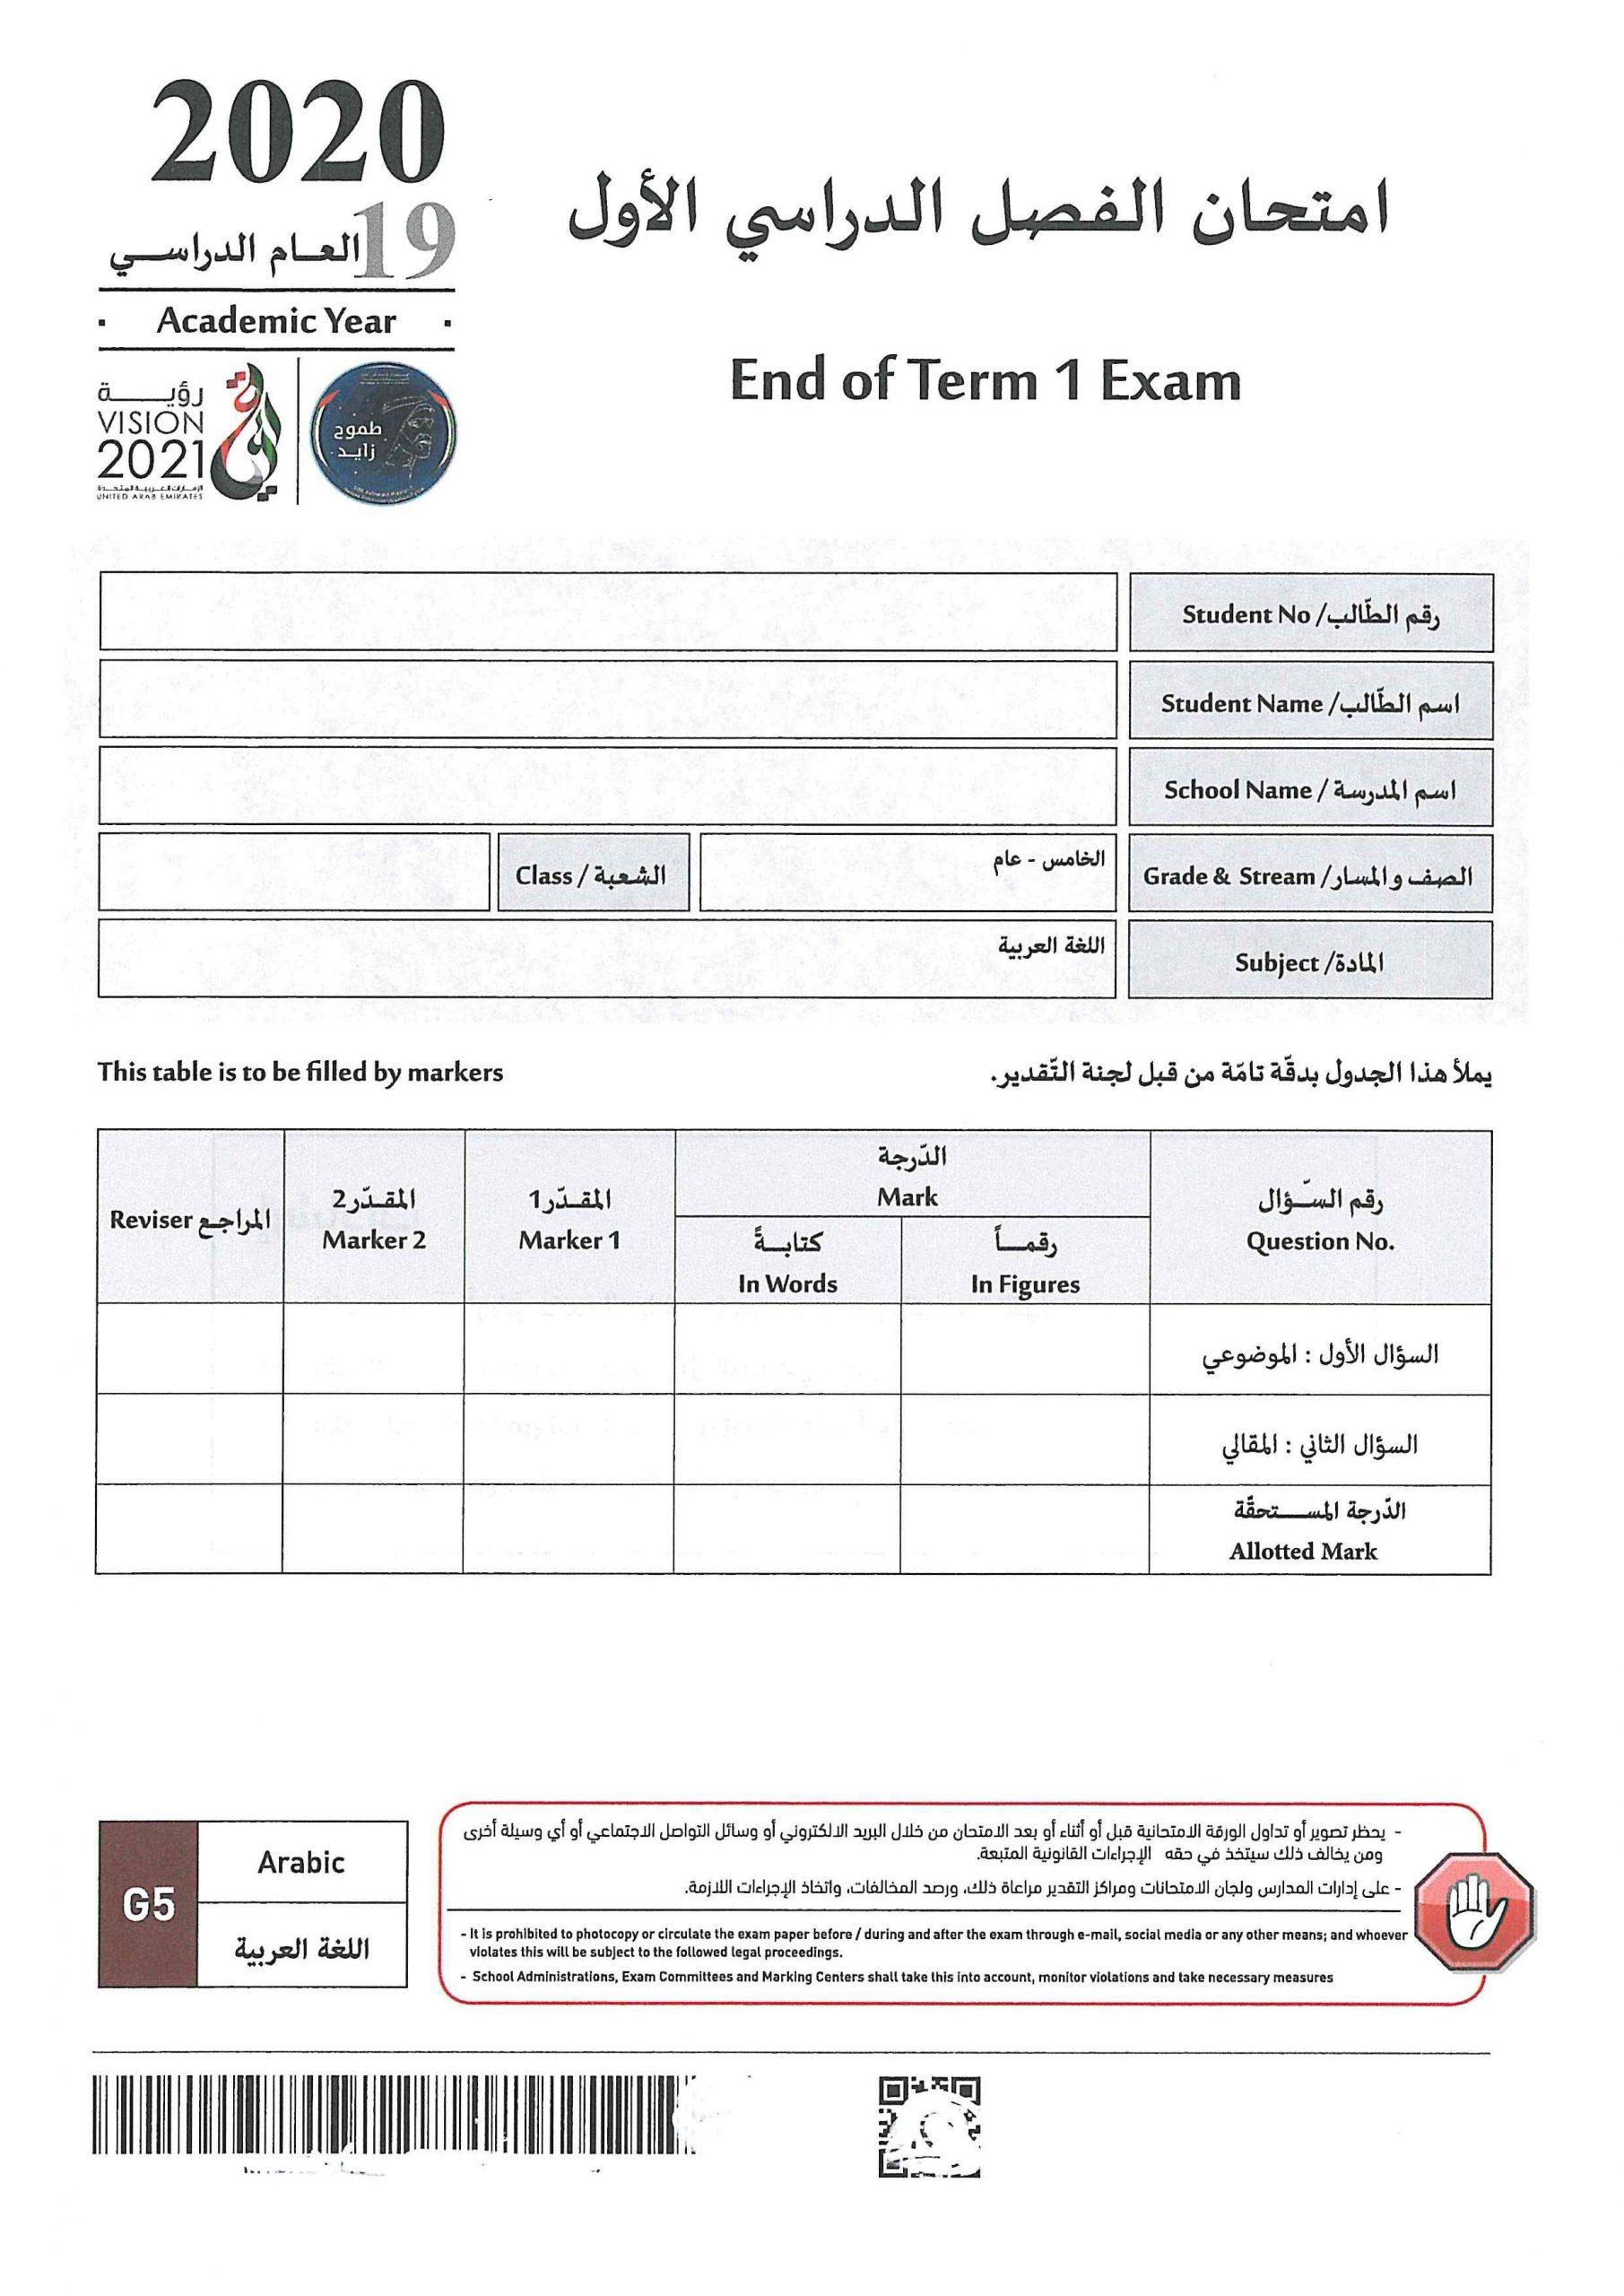 امتحان نهاية الفصل الدراسي الاول 2019-2020 الصف الخامس مادة اللغة العربية